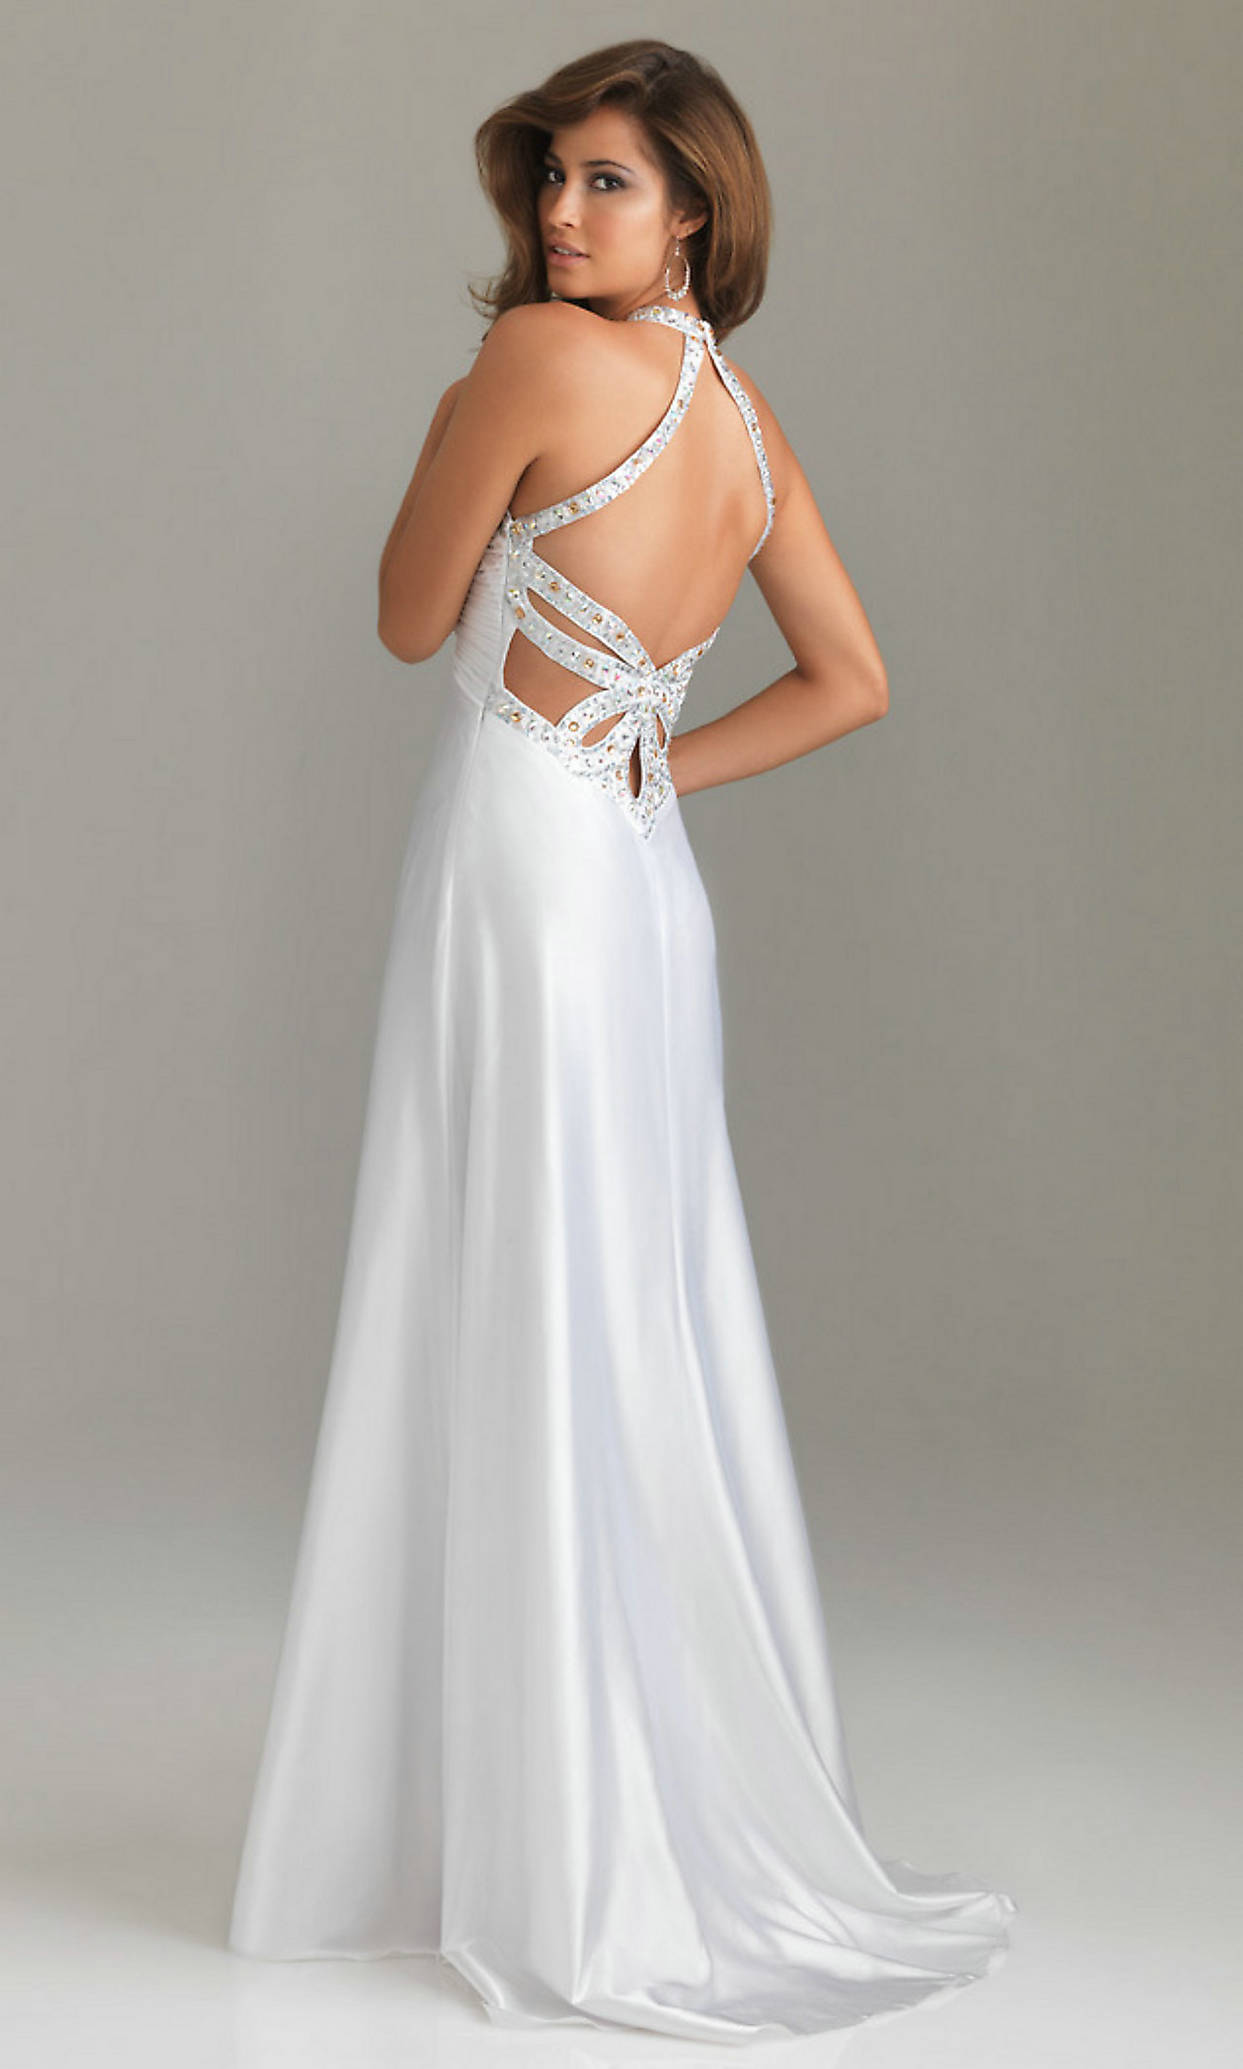 Elegant Long White Prom Dresses